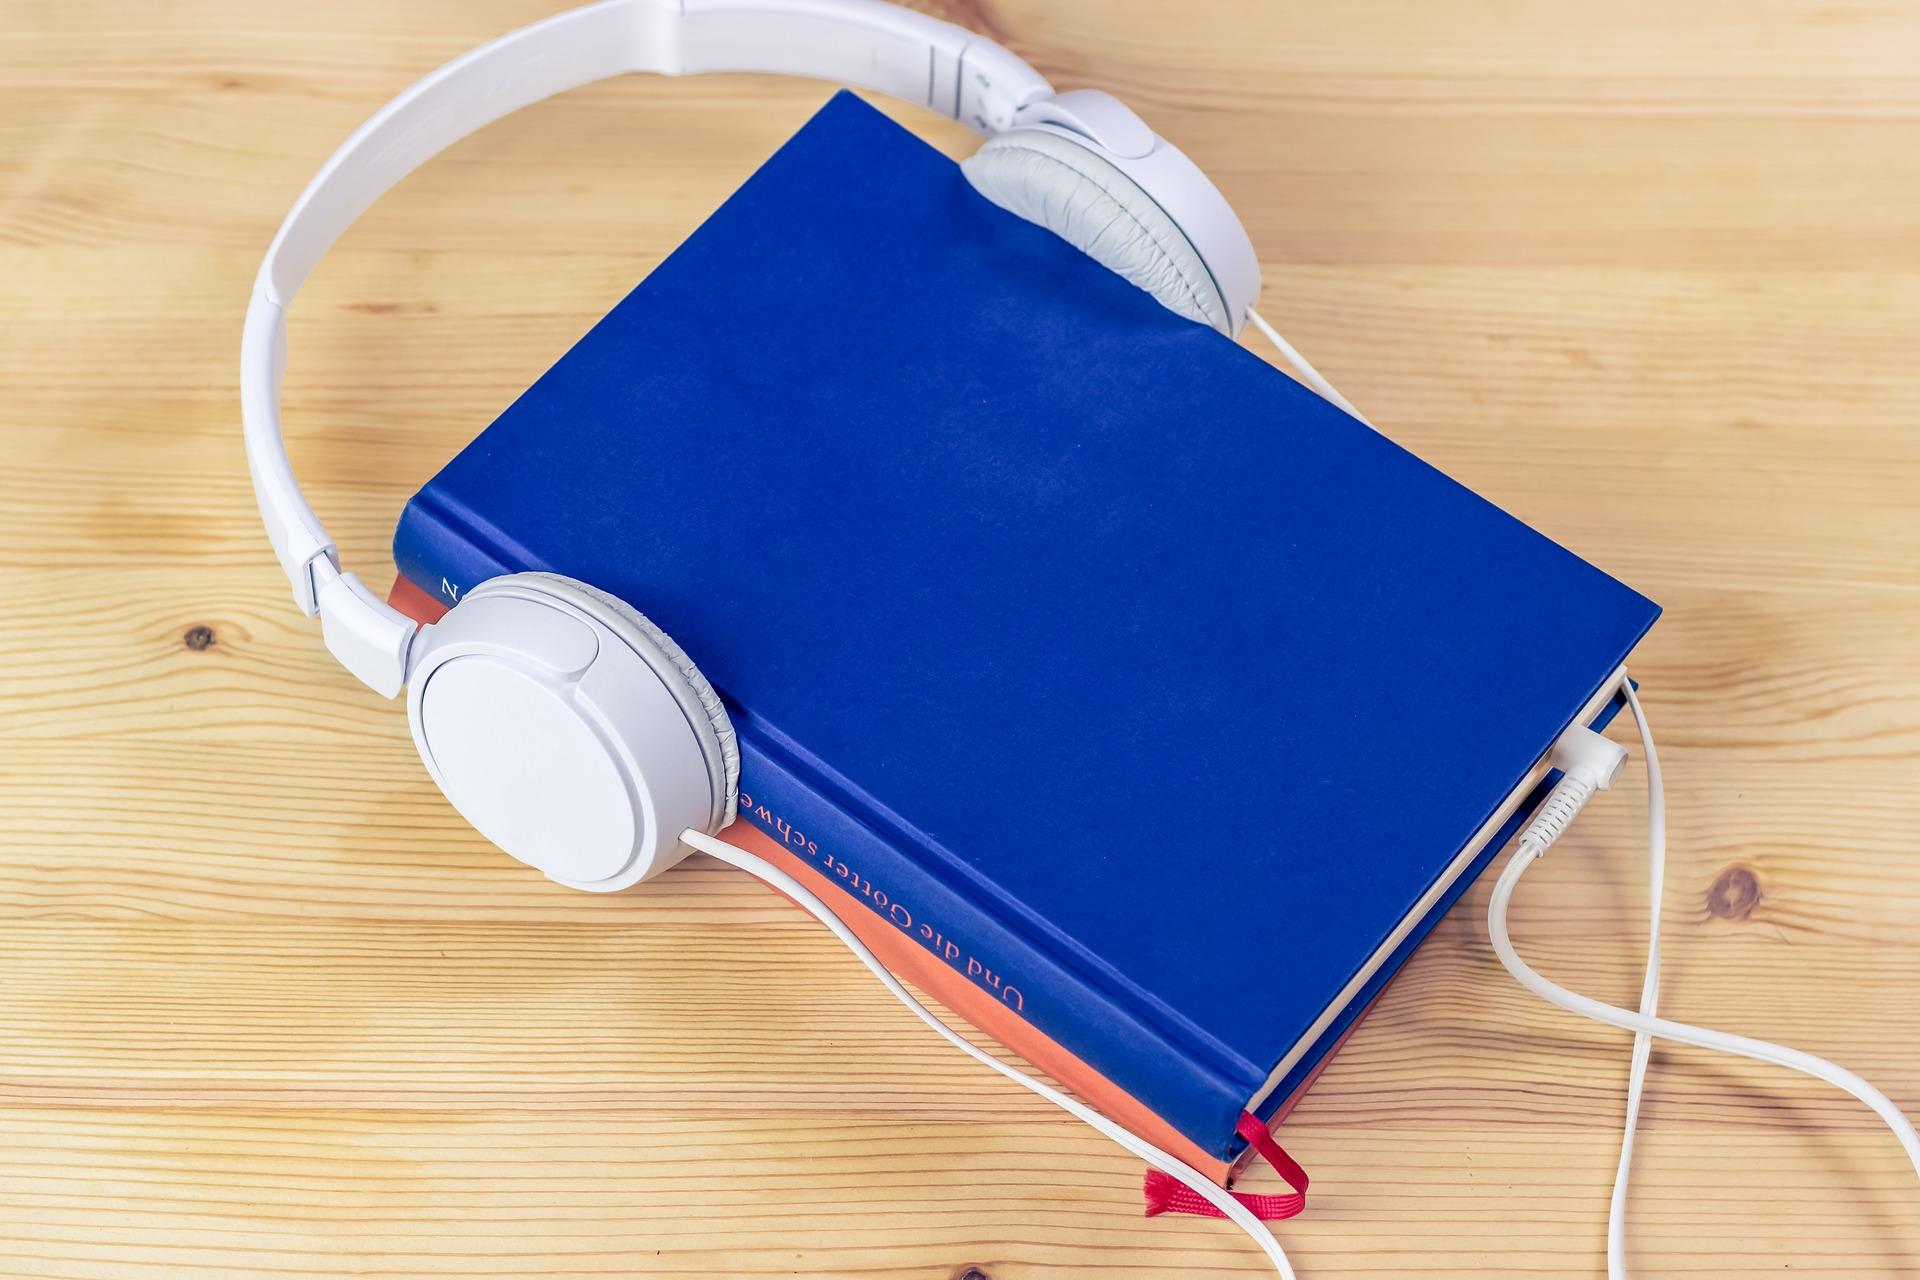 Auf diesem Bild sieht man ein Buch mit Kopfhörern, was die Audible Abo Kosten symbolisiert.